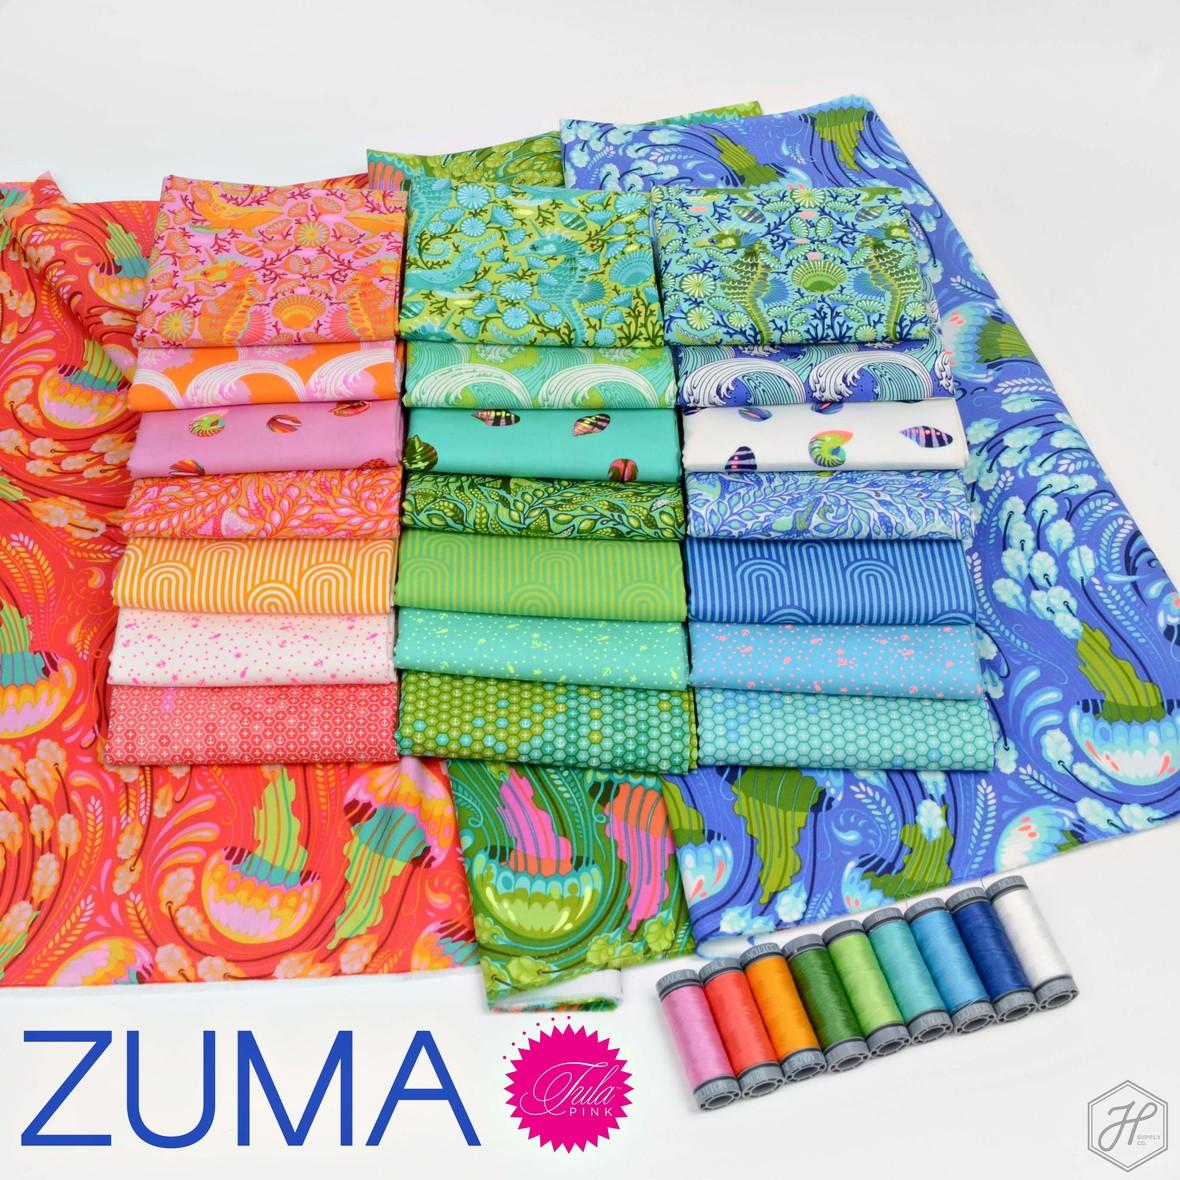 Zuma Fabric Poster